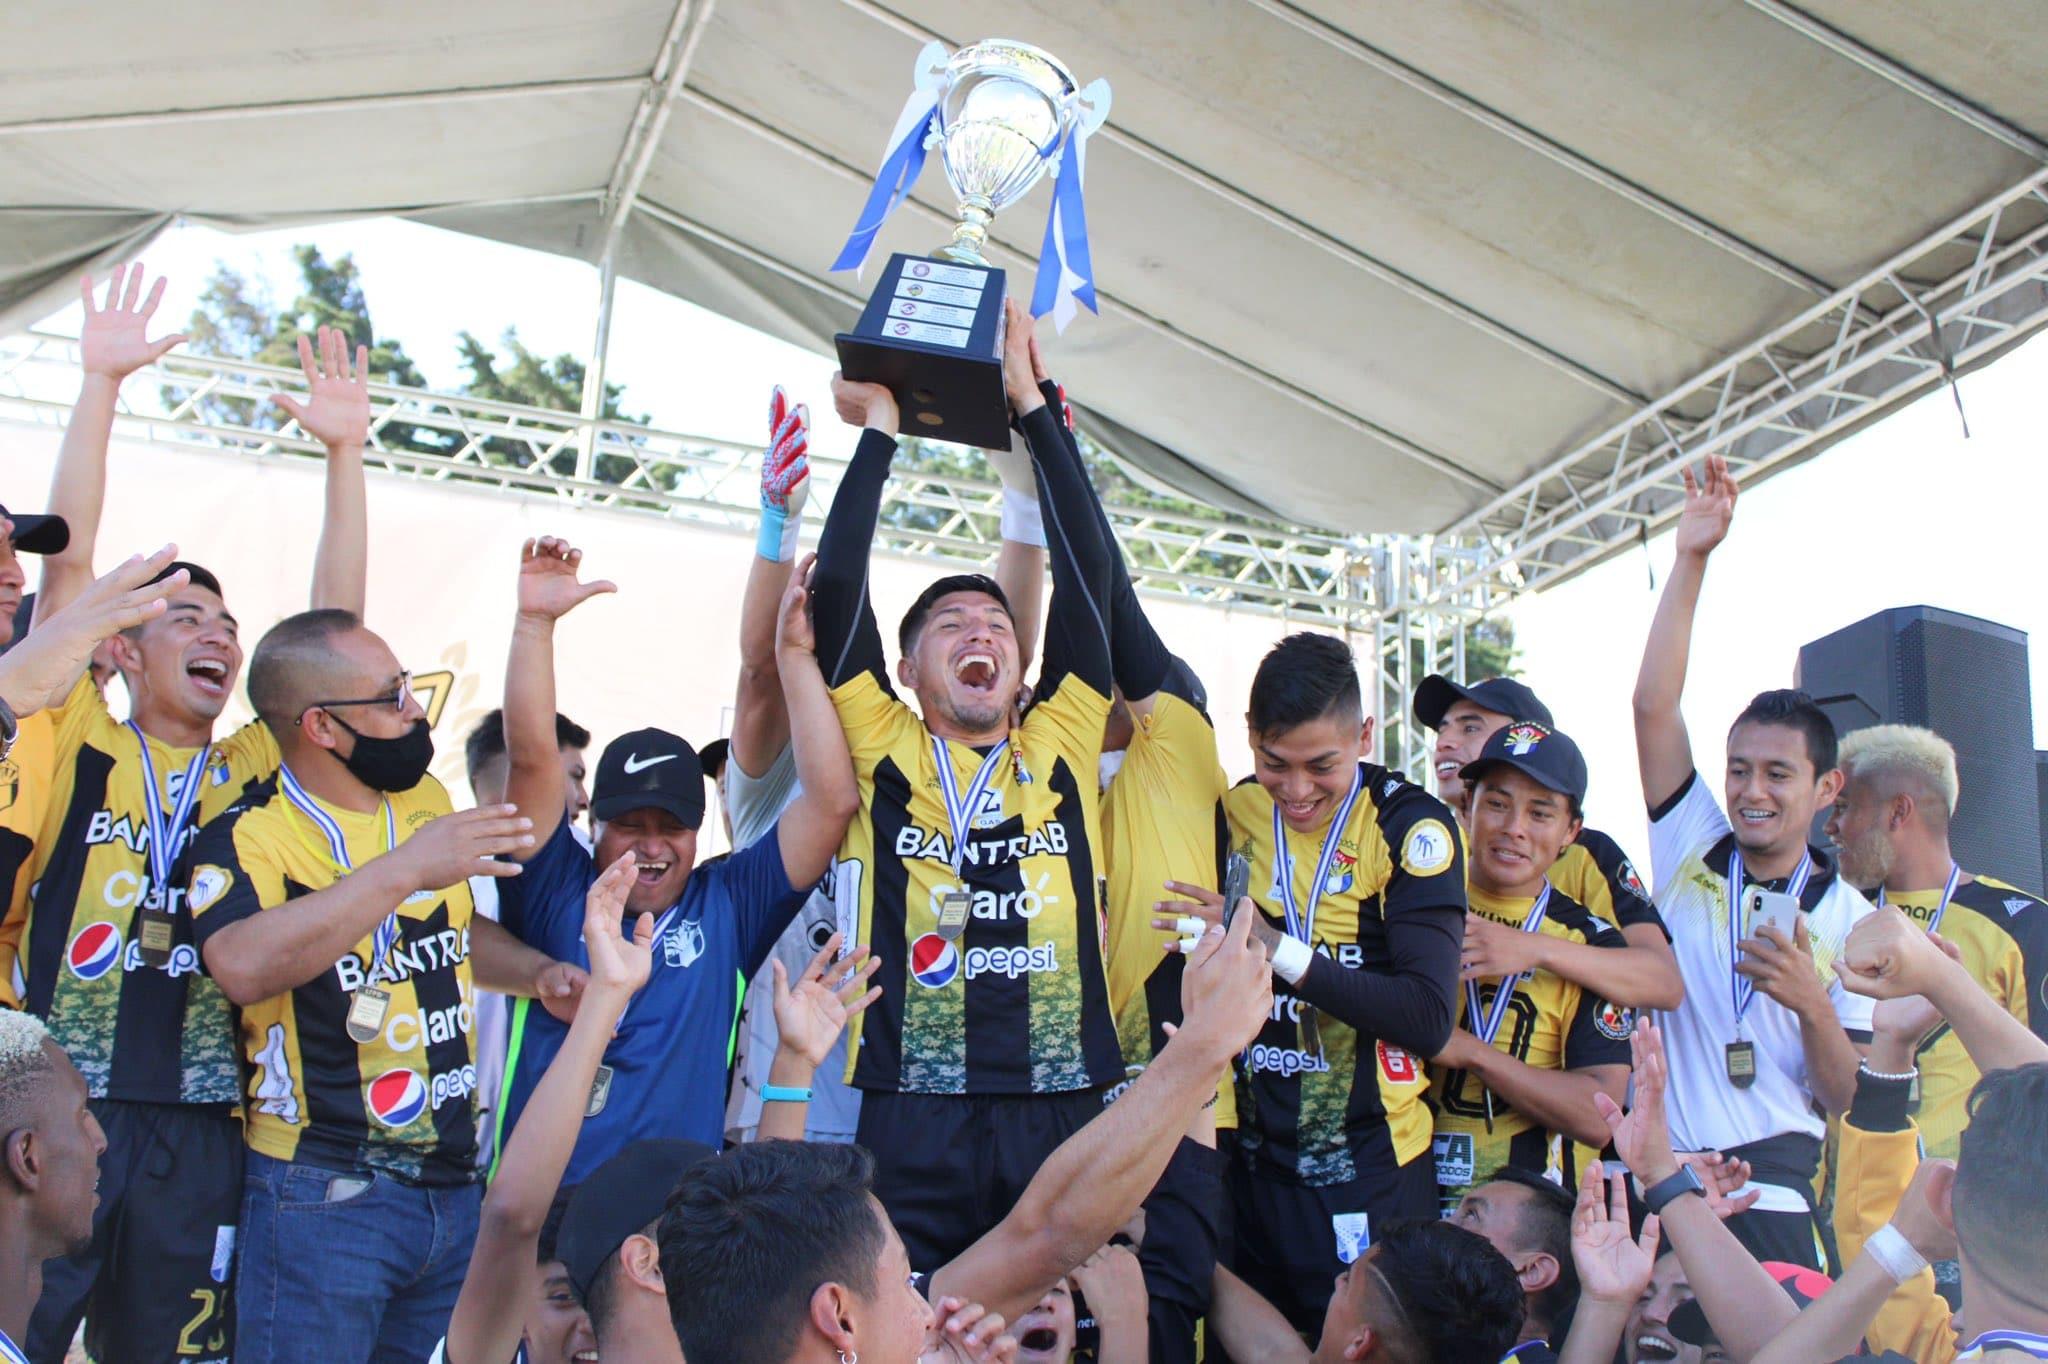 El Club Aurora se coronó campeón del torneo Apertura 2020 de la Primera División al derrotar a Sololá en la serie final por el título.